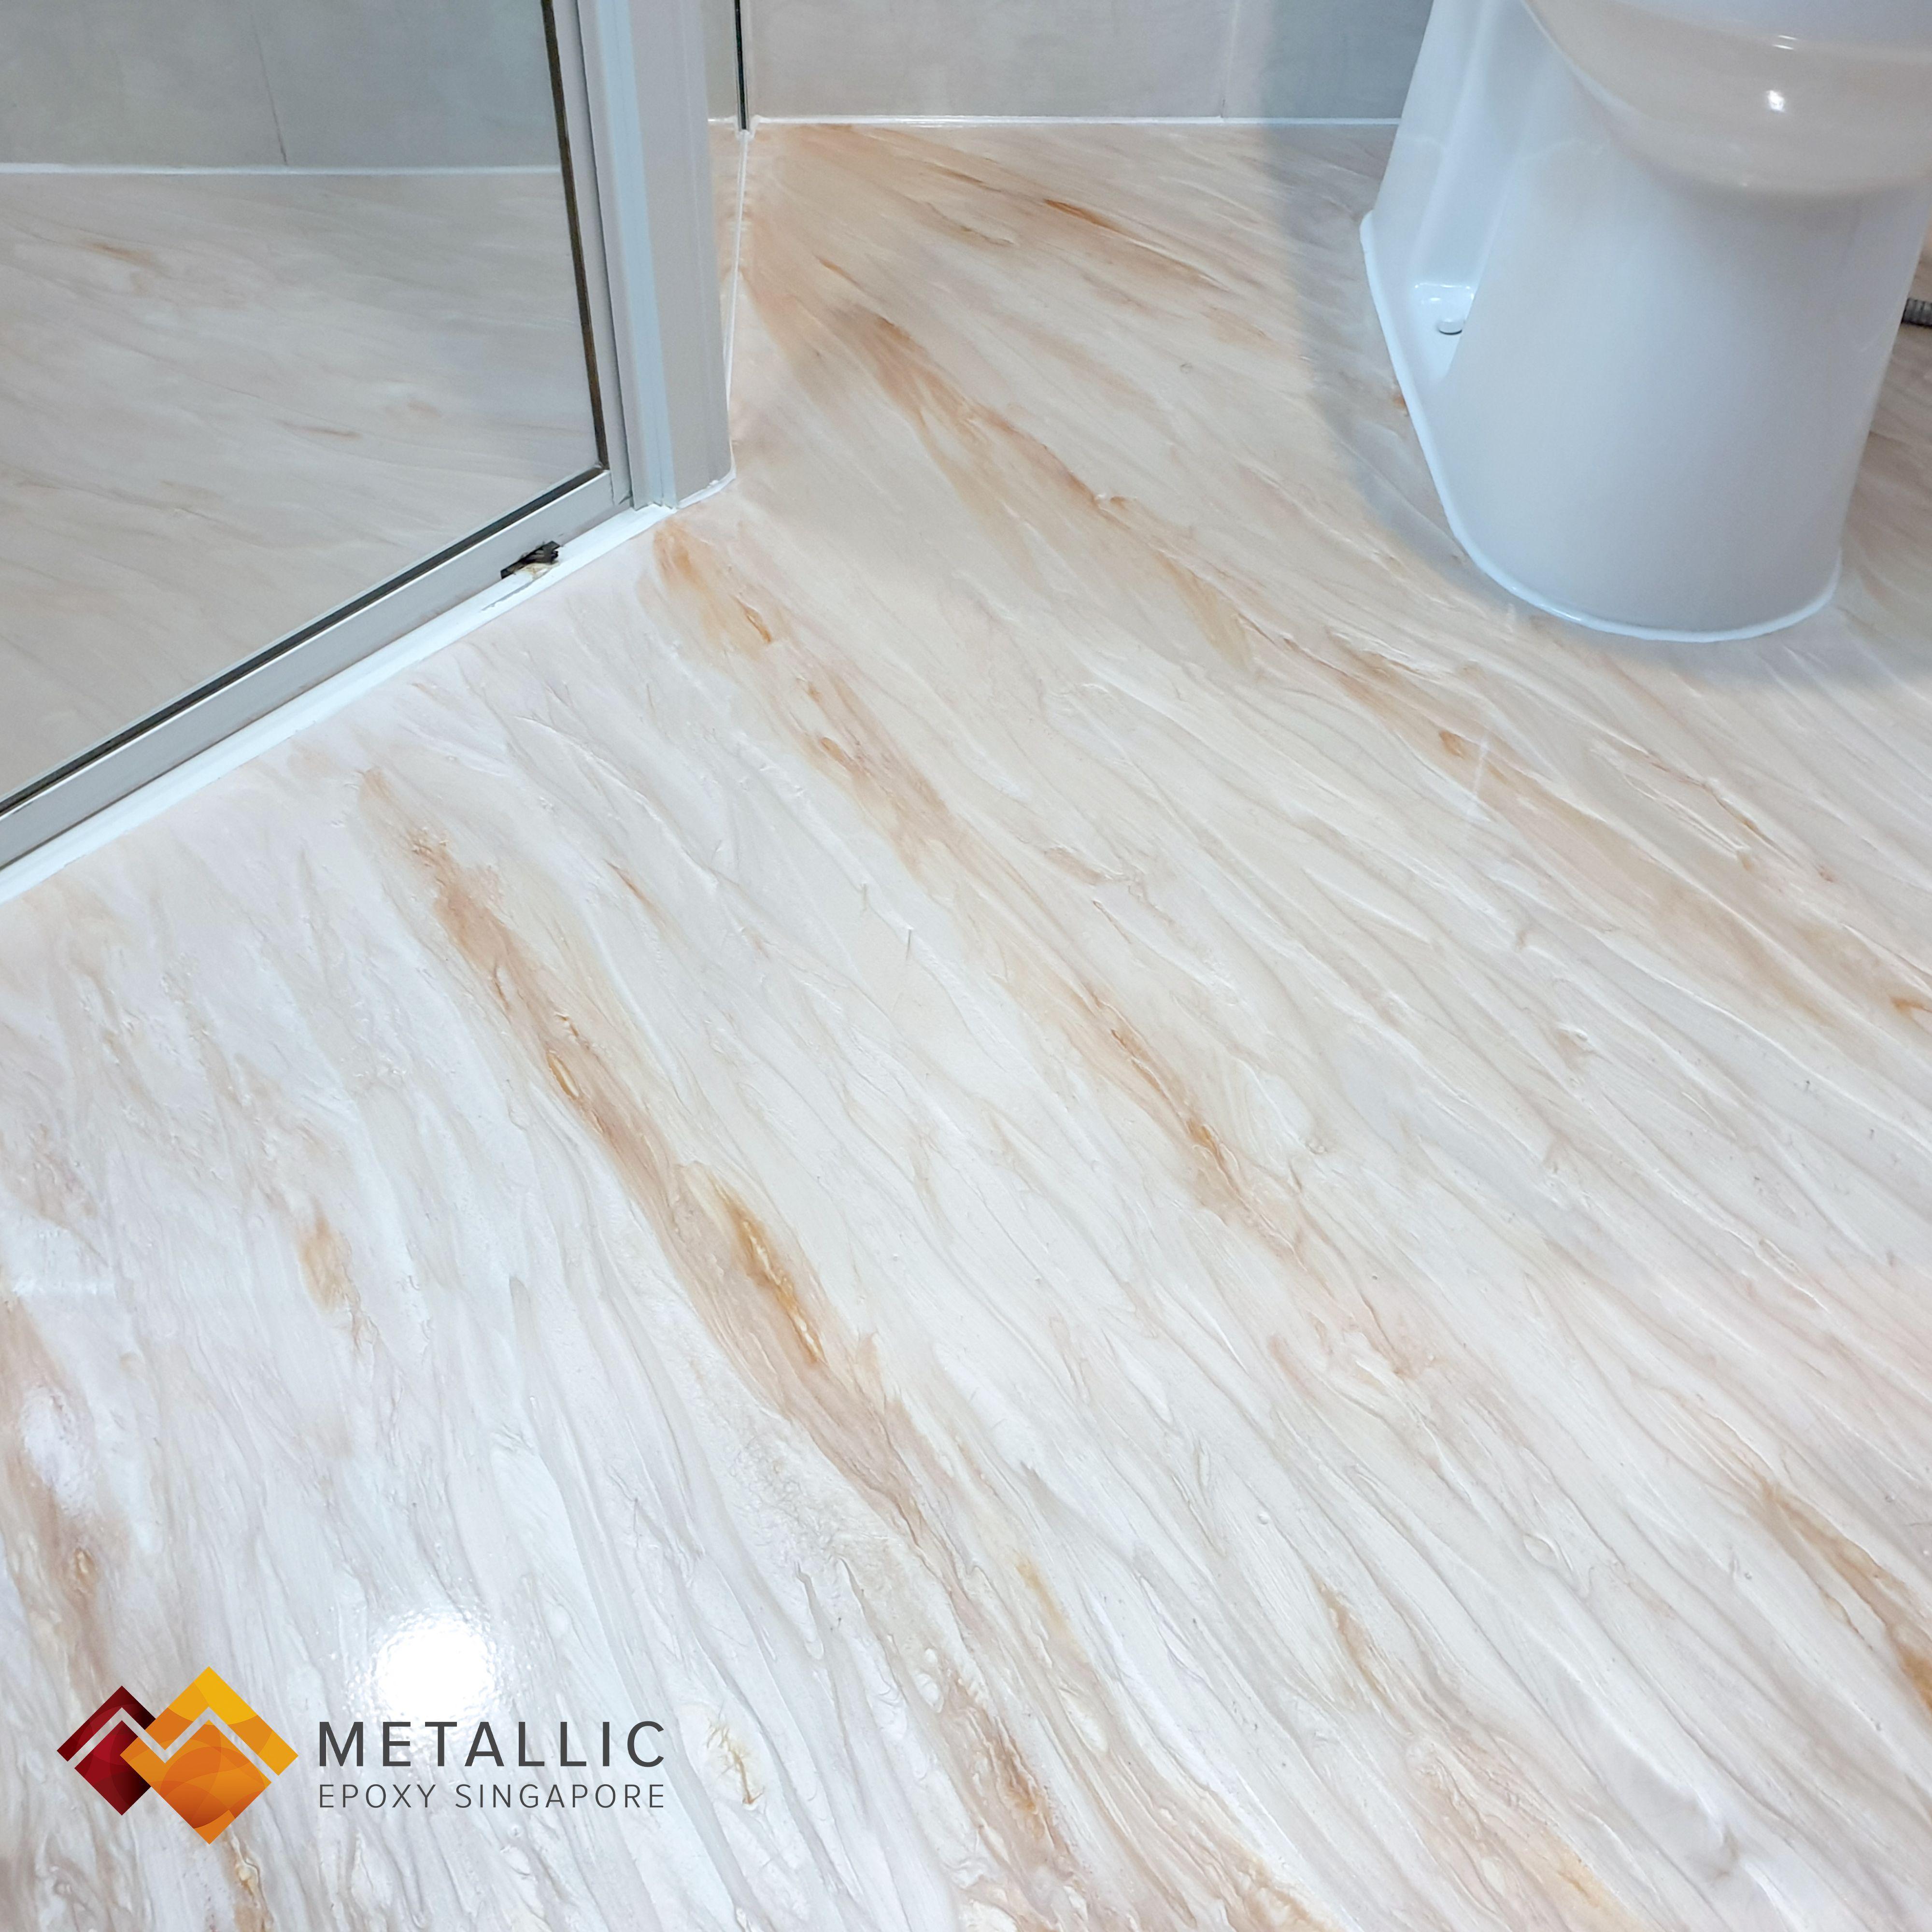 Metallic Epoxy Singapore Orange Gold Wood Design Bathroom Floor Bathroom Flooring Wood Design Gold Wood